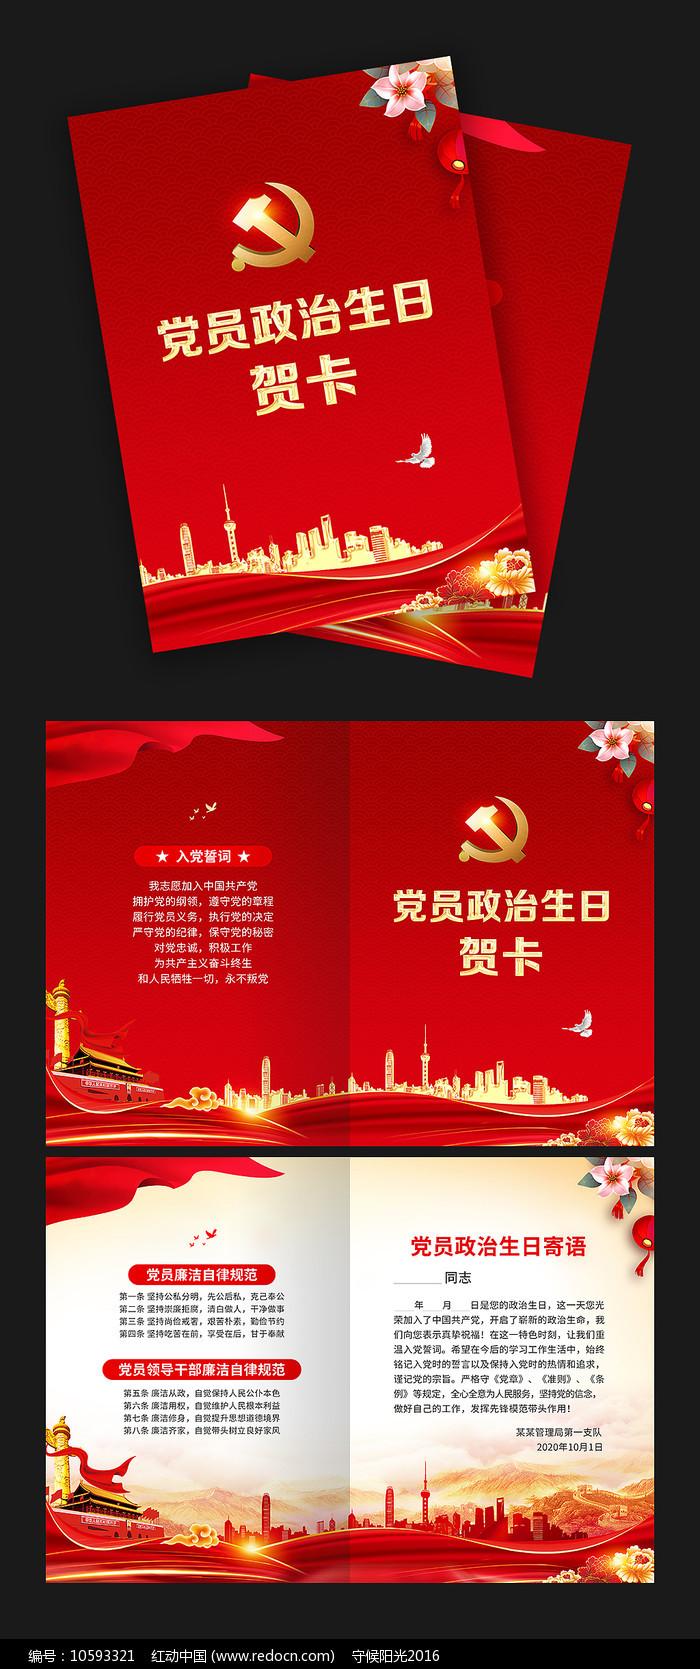 党员政治生日贺卡设计图片